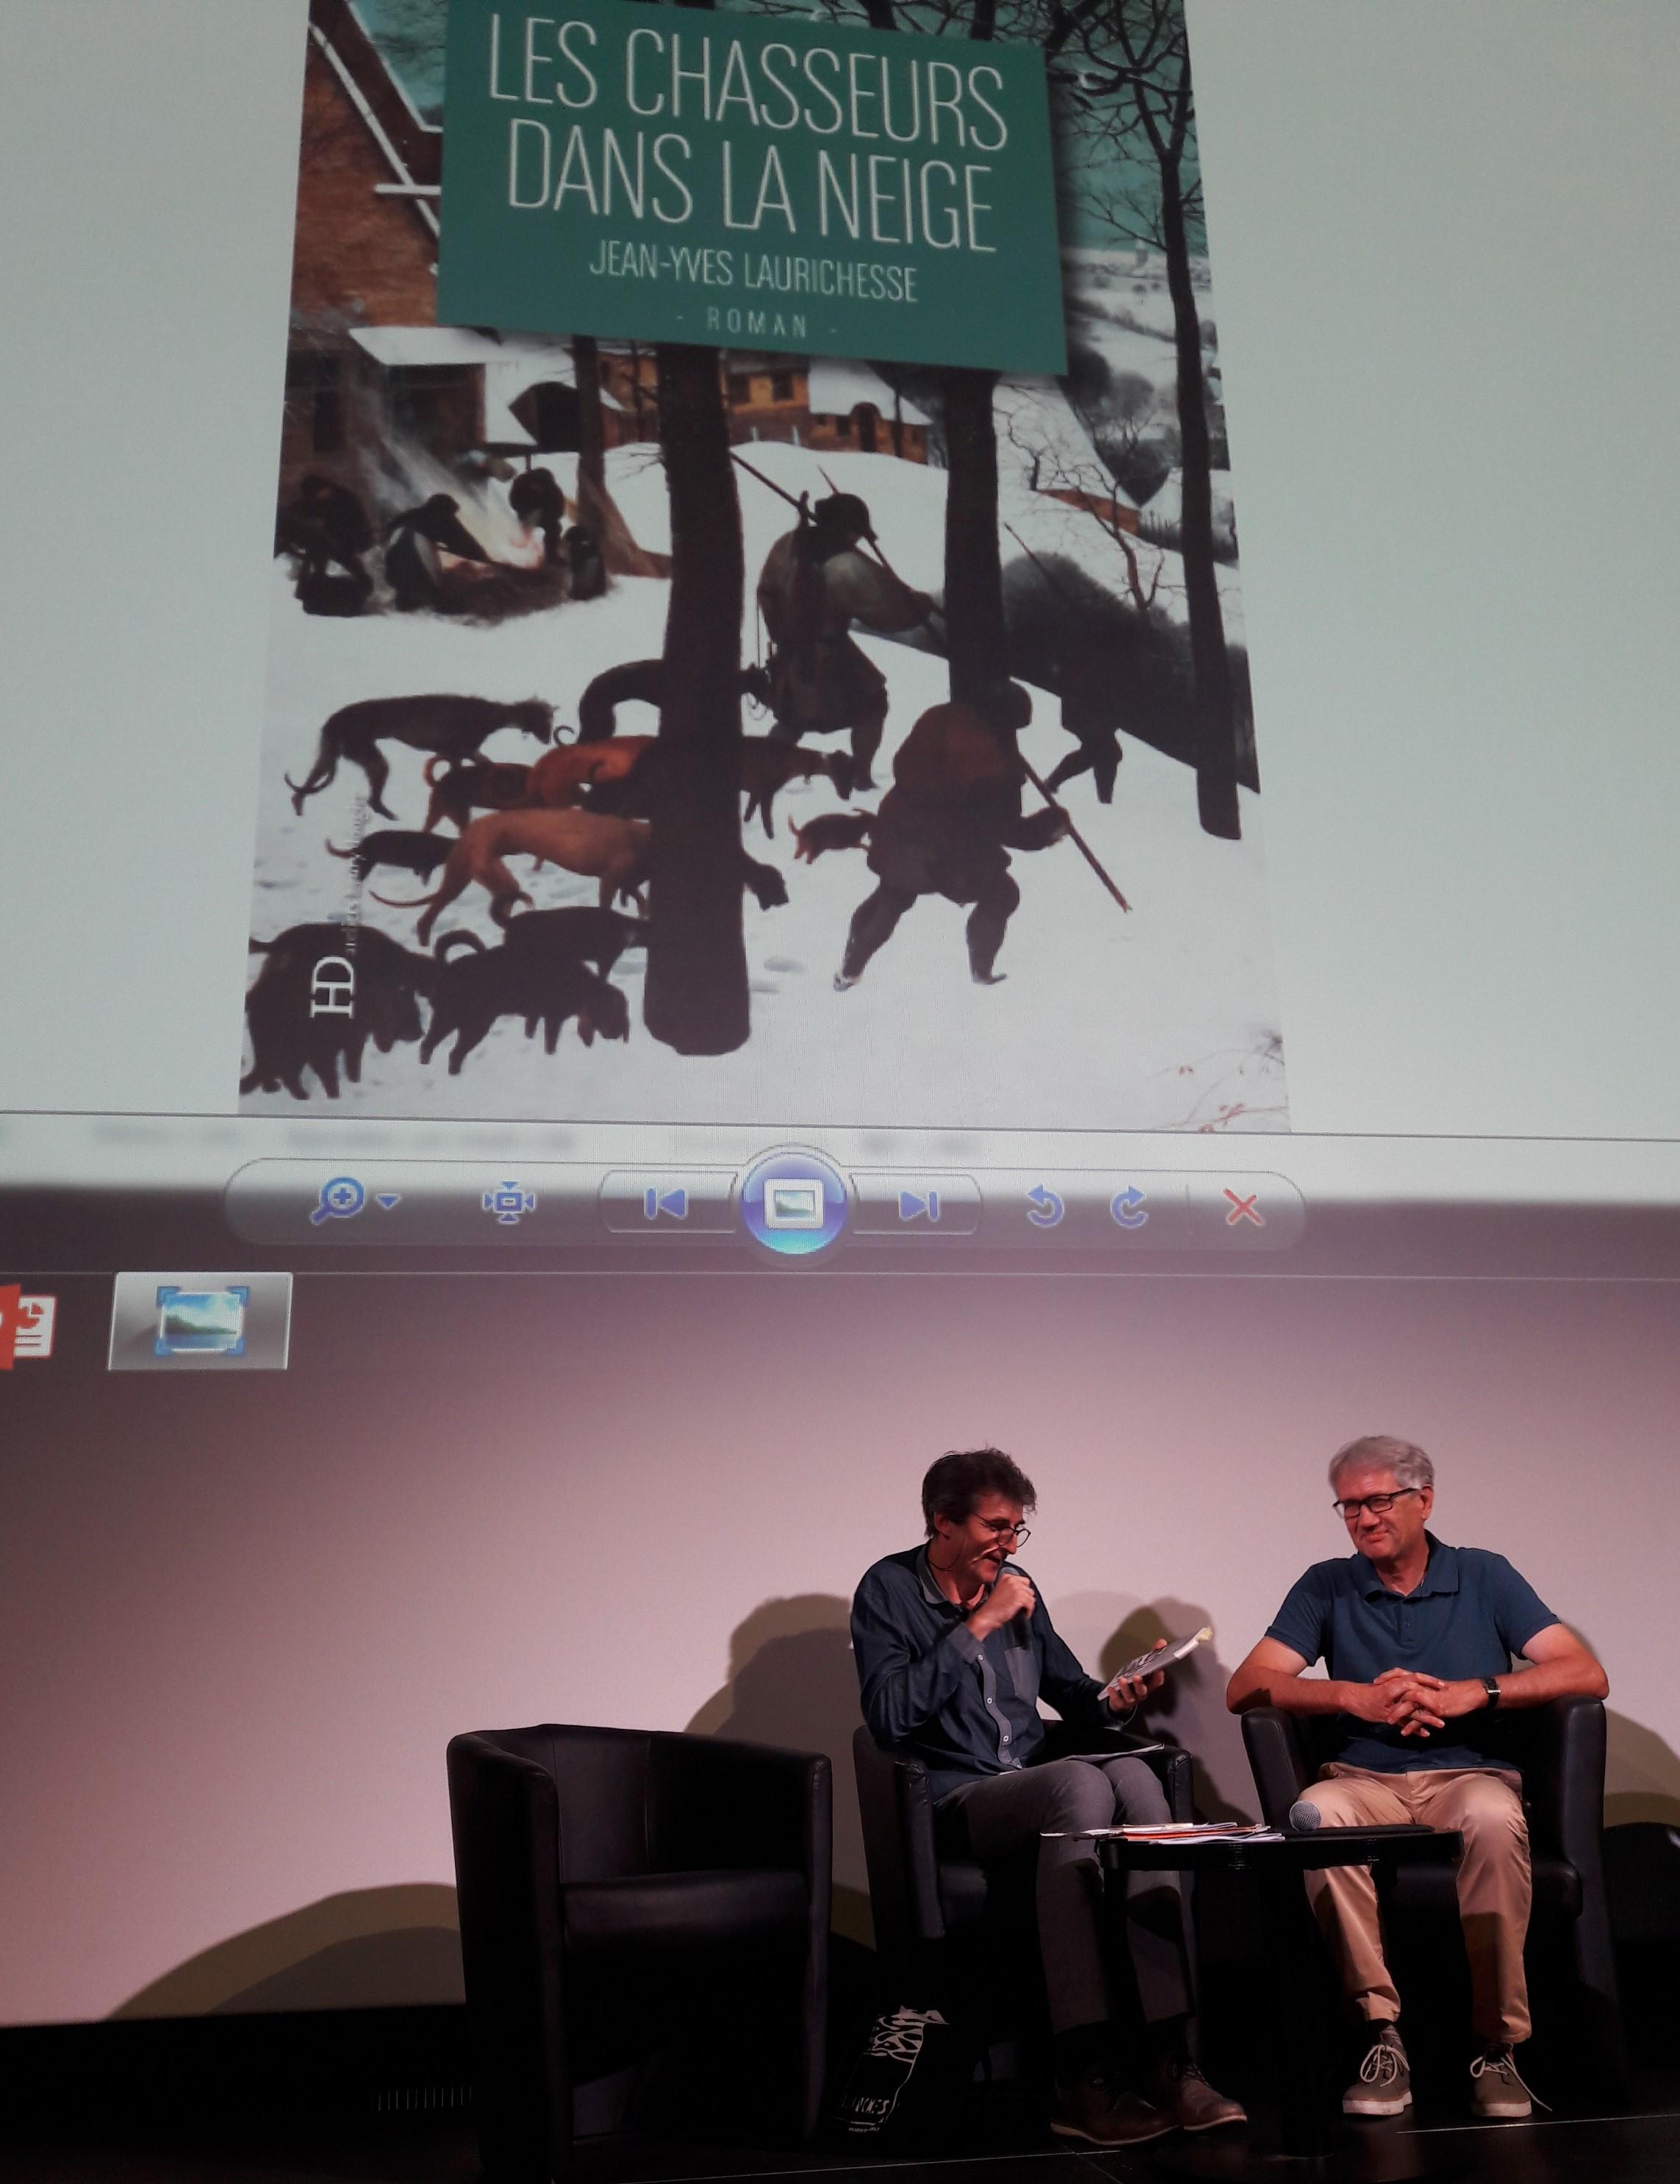 17/09/2018, Rentrée littéraire, Cinémathèque de Toulouse (avec Jean-Antoine Loiseau)